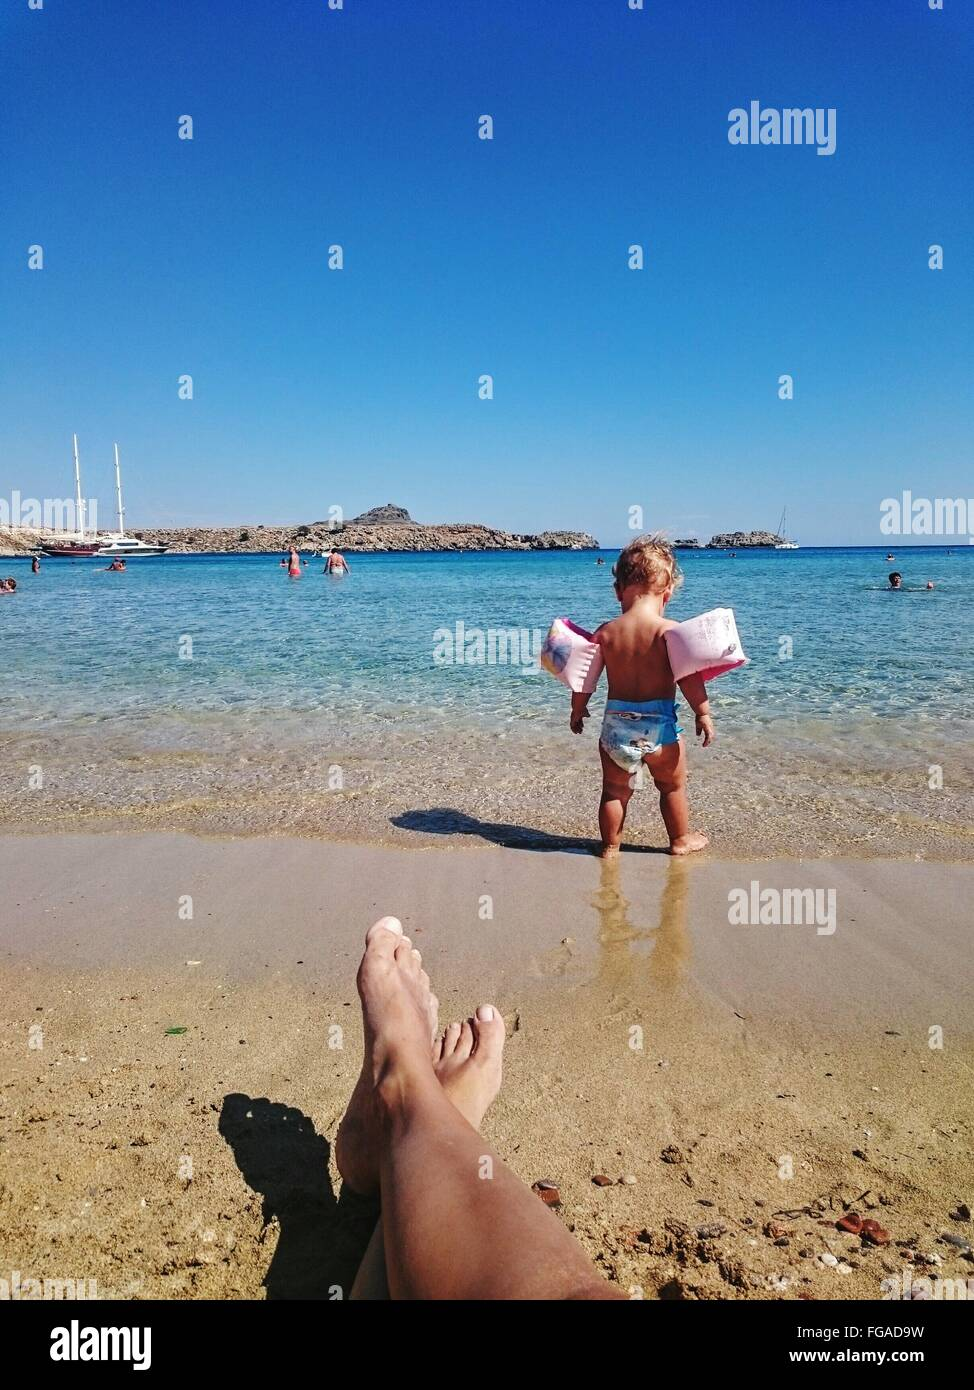 Verkürzte Beine des Mannes vor Kind trägt Schwimmflügel Meer gegen Himmel Stockbild